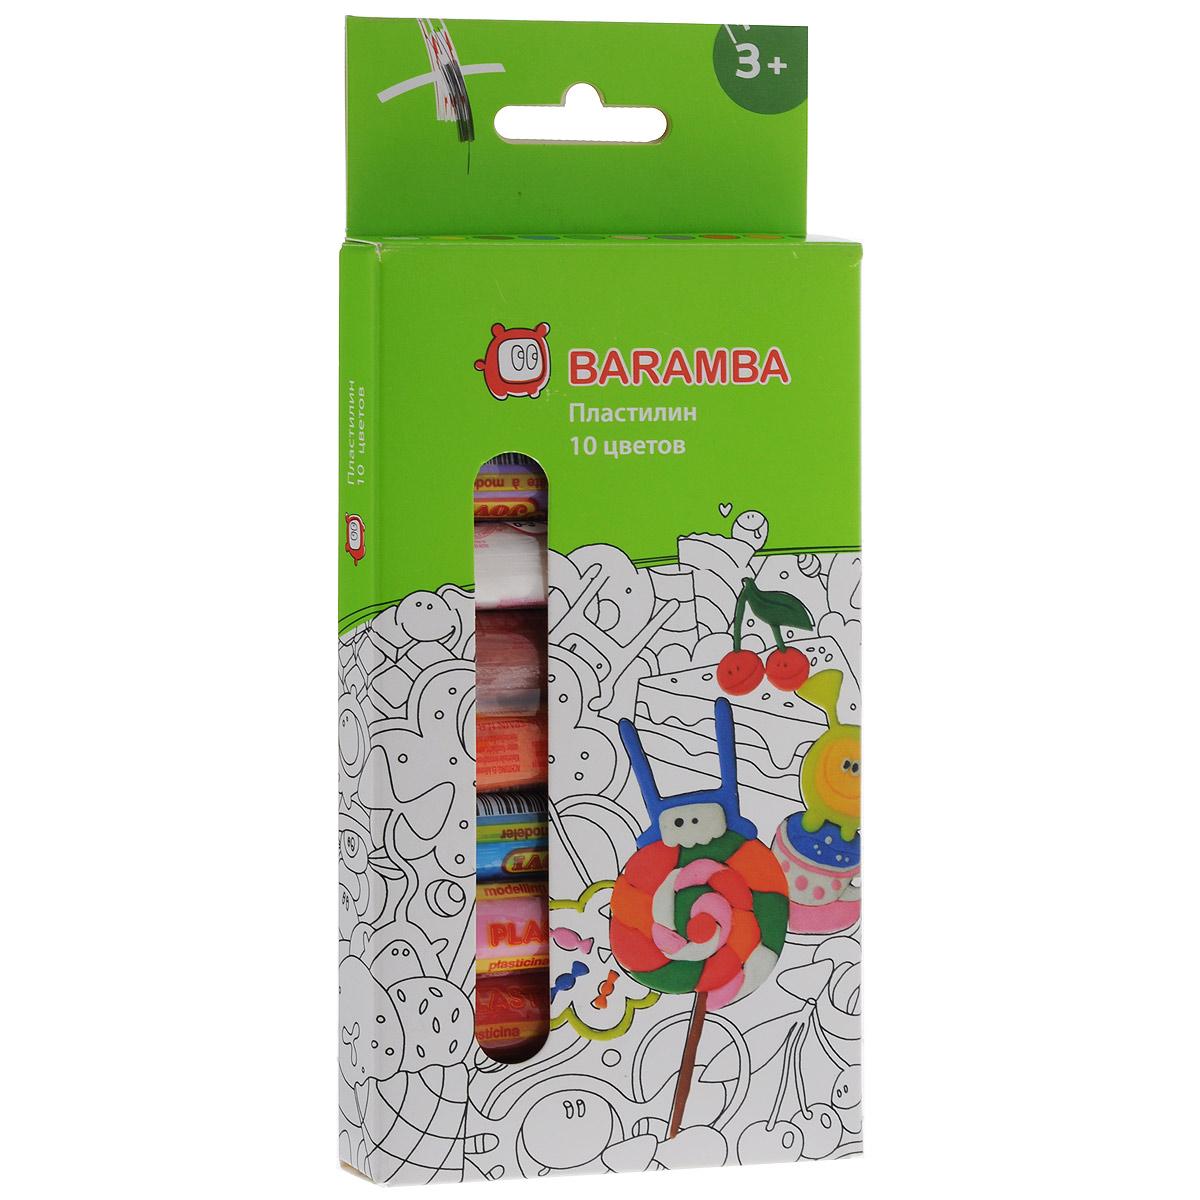 Пластилин Baramba, 10 цветовB26010Пластилин Baramba - это отличная возможность познакомить ребенка с еще одним из видов изобразительного творчества, в котором создаются объемные образы и целые композиции. В набор входит пластилин 10 ярких цветов (белый, желтый, коричневый, синий, зеленый, розовый, фиолетовый, красный, оранжевый, черный). Цвета пластилина легко смешиваются между собой, и таким образом можно получить новые оттенки. Пластилин на растительной основе, содержит натуральные масла и воск, очень мягкий, легко смешивается друг с другом и не липнет к рукам.Техника лепки богата и разнообразна, но при этом доступна даже маленьким детям. Занятие лепкой не только увлекательно, но и полезно для ребенка. Оно способствует развитию творческого и пространственного мышления, восприятия формы, фактуры, цвета и веса, развивает воображение и мелкую моторику.